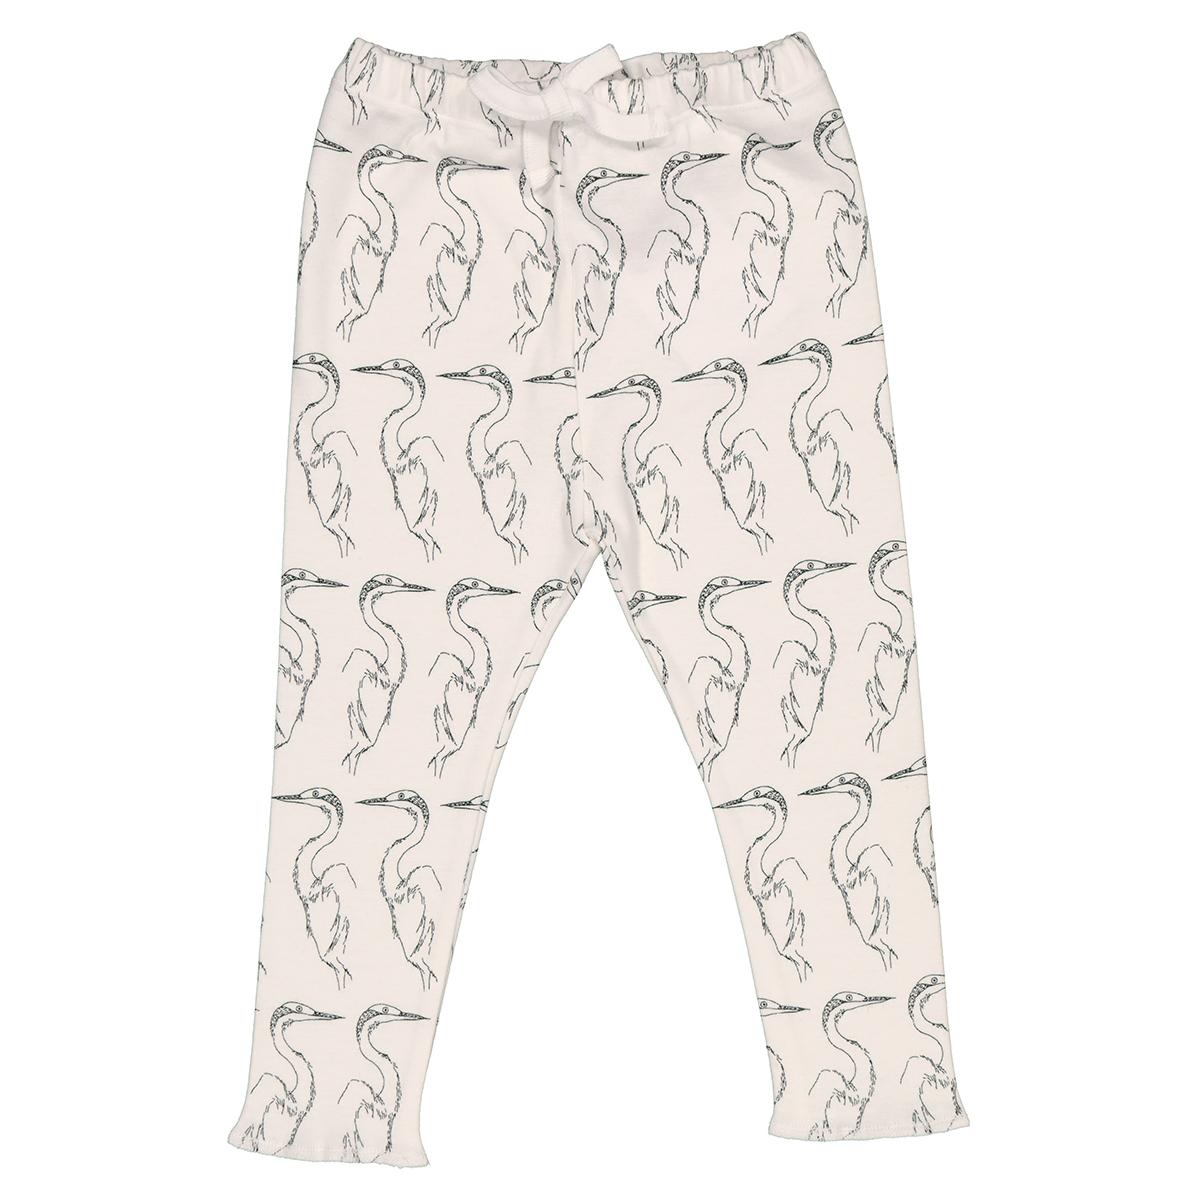 Bas bébé Legging Milo Aigrette - 6 Mois Moumout - AR201903210107